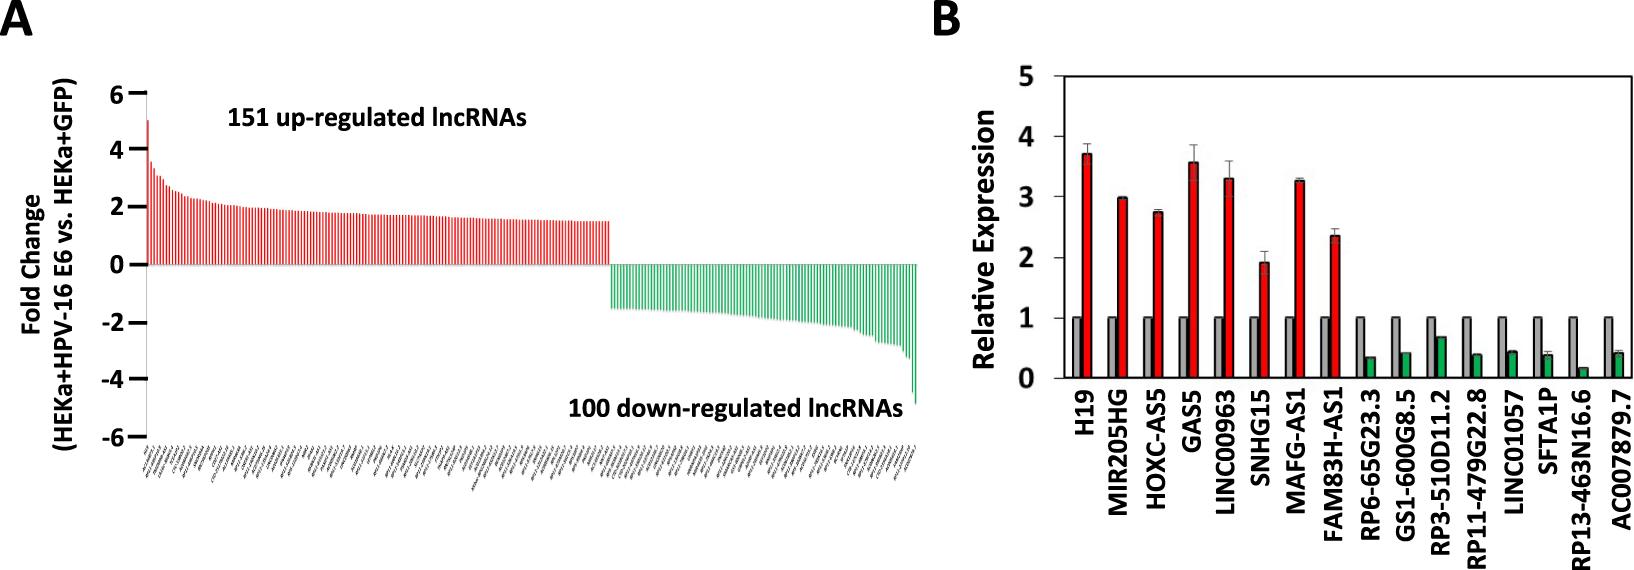 papillomavirus 16 oncoprotein